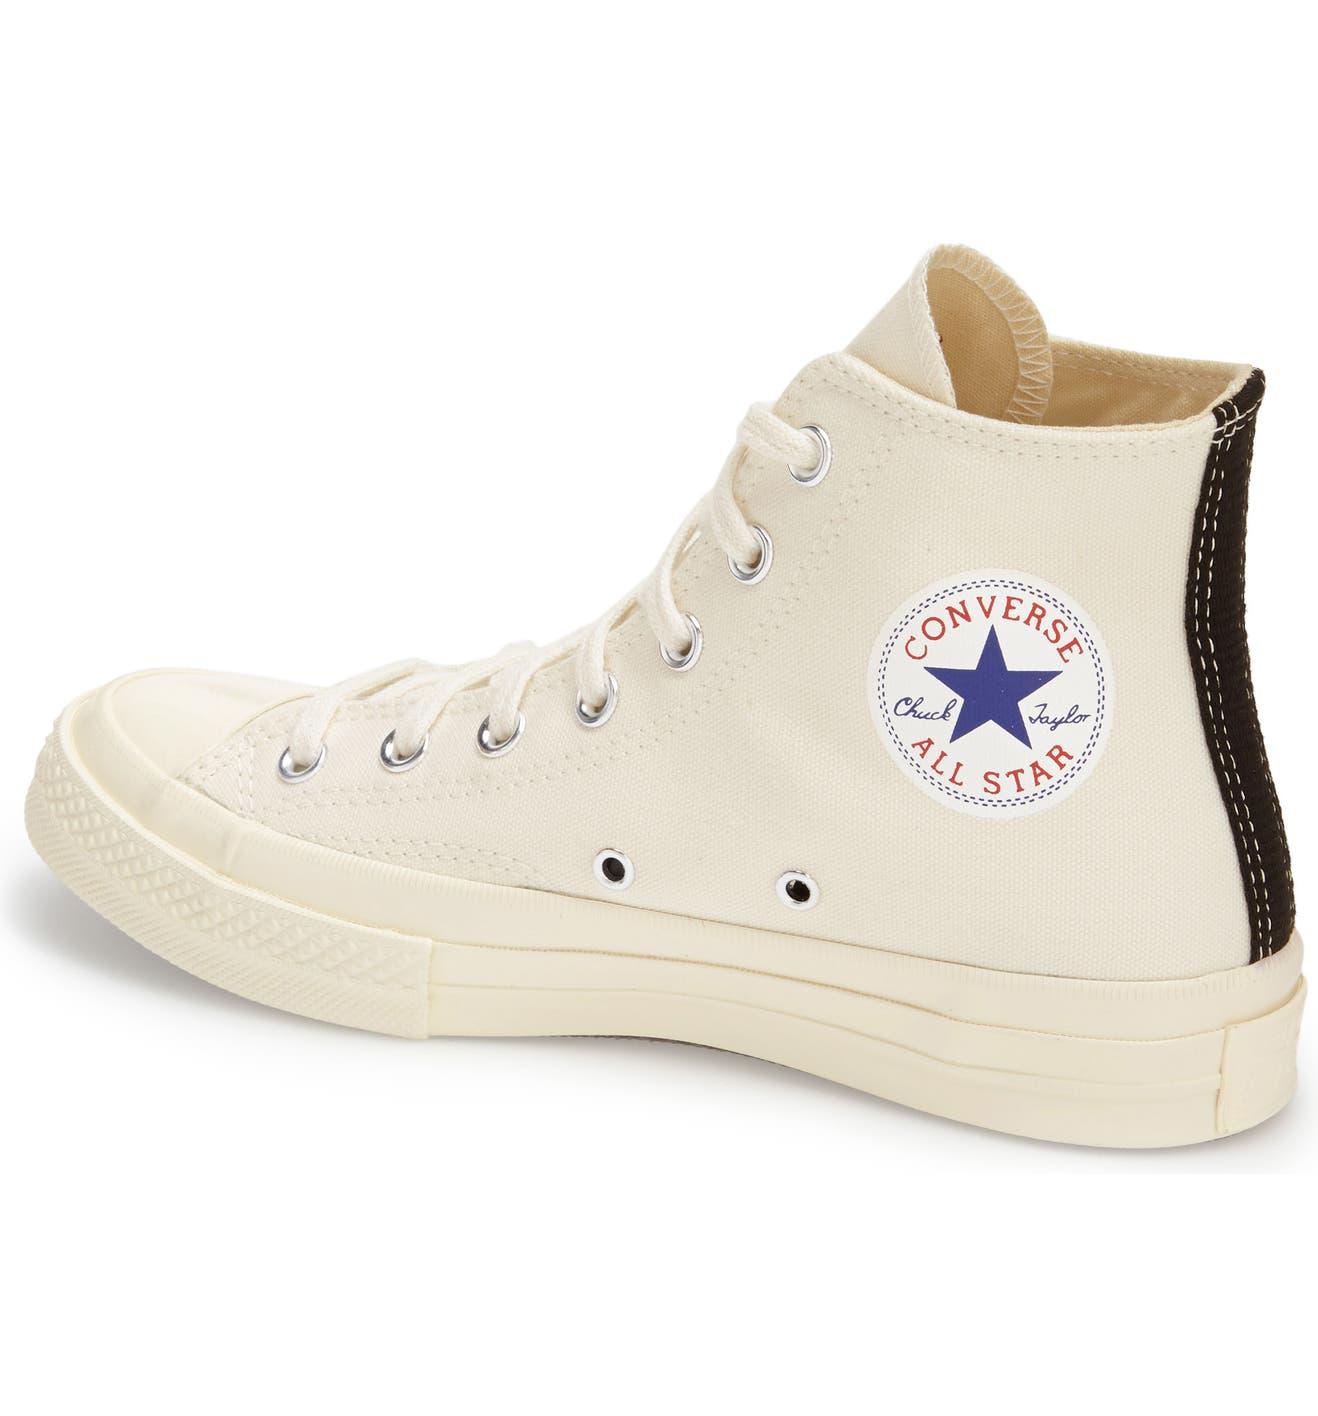 ad1c174dfd66 Comme des Garçons PLAY x Converse Chuck Taylor® Hidden Heart High Top  Sneaker (Men)